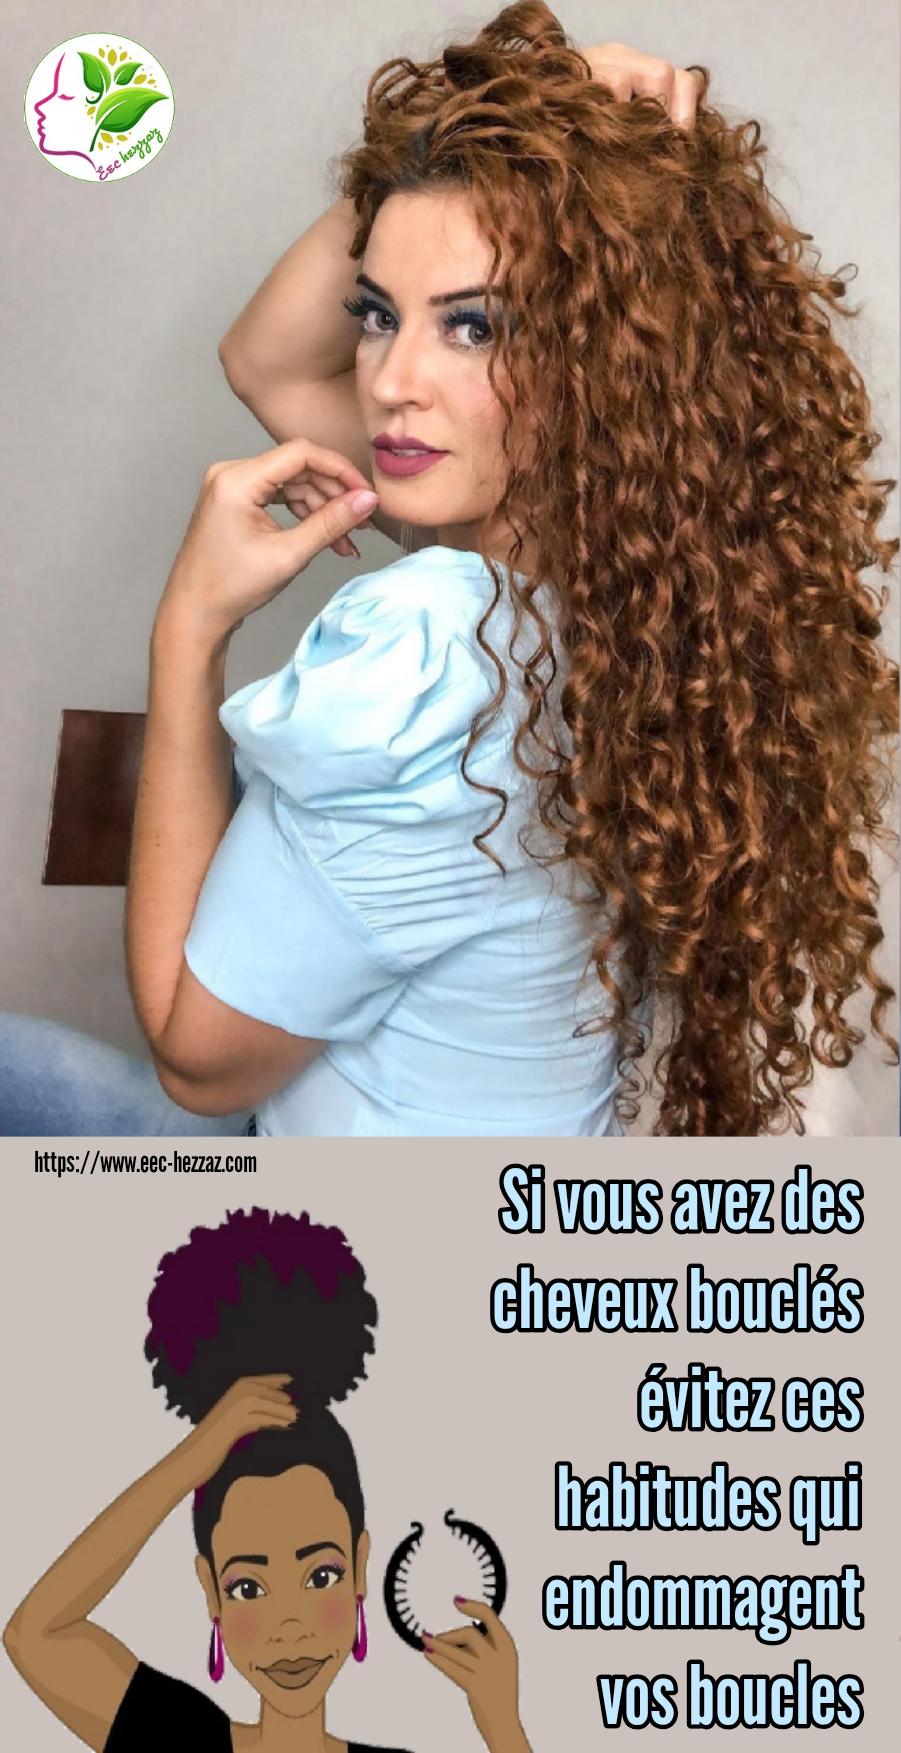 Si vous avez des cheveux bouclés évitez ces habitudes qui endommagent vos boucles